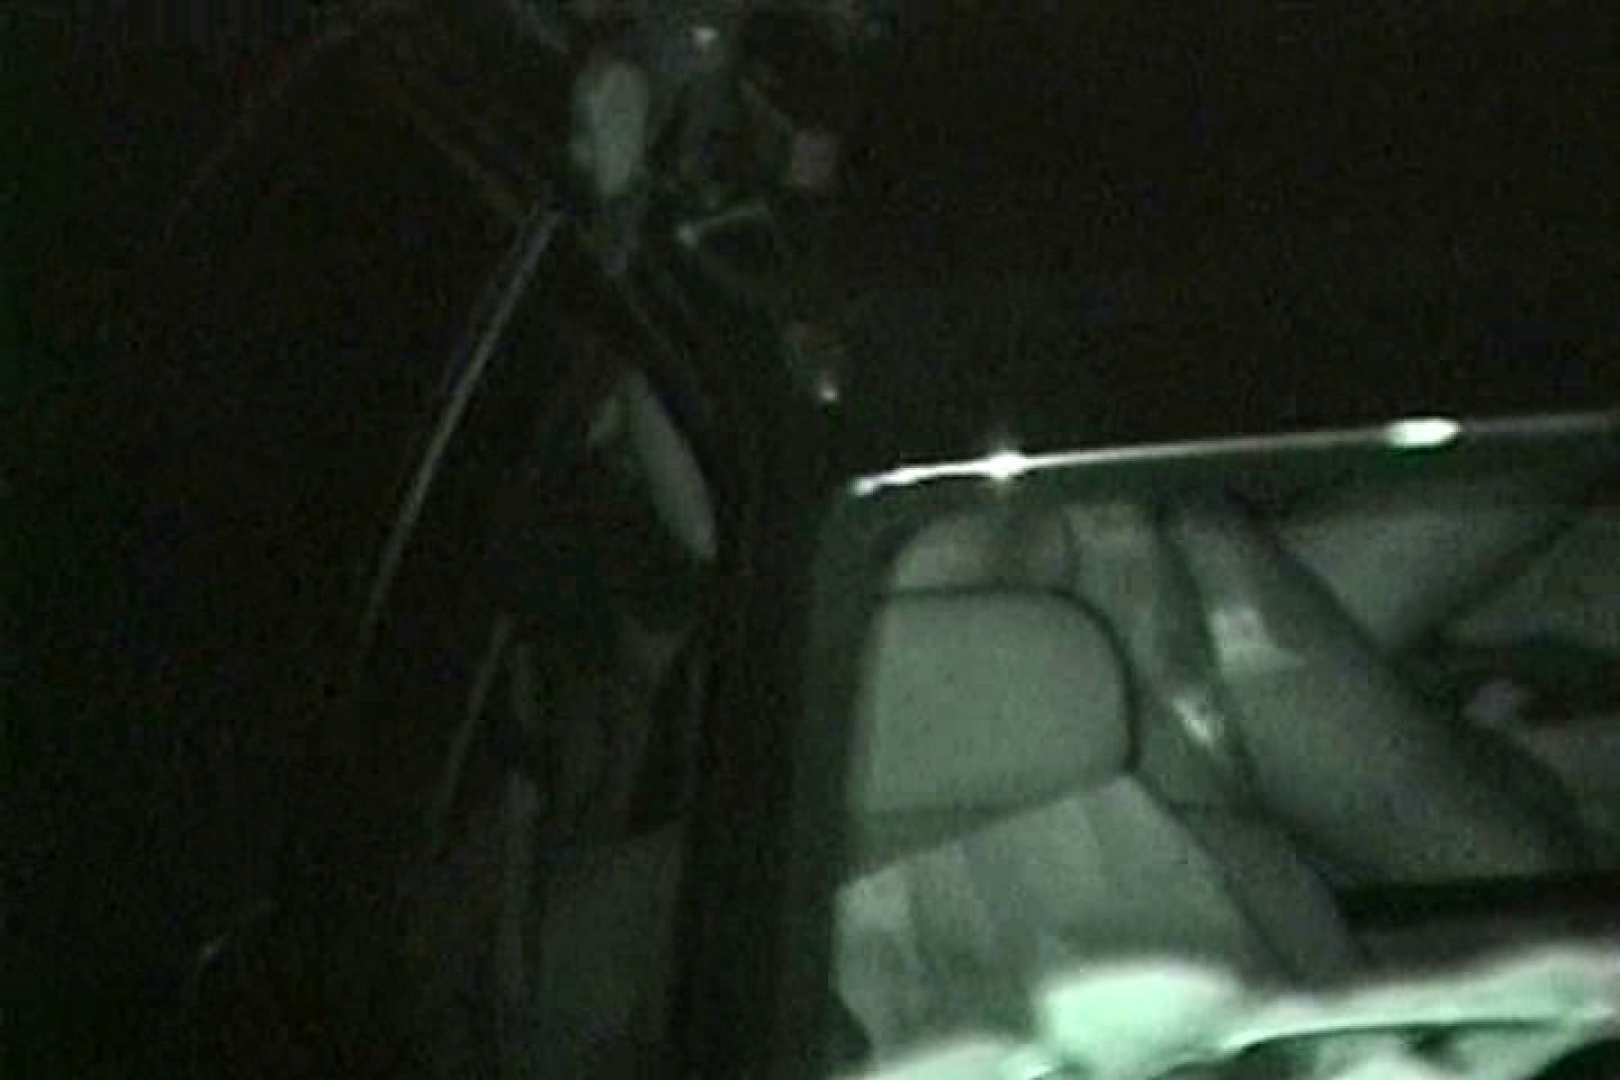 車の中はラブホテル 無修正版  Vol.8 ラブホテル AV無料動画キャプチャ 102PIX 7